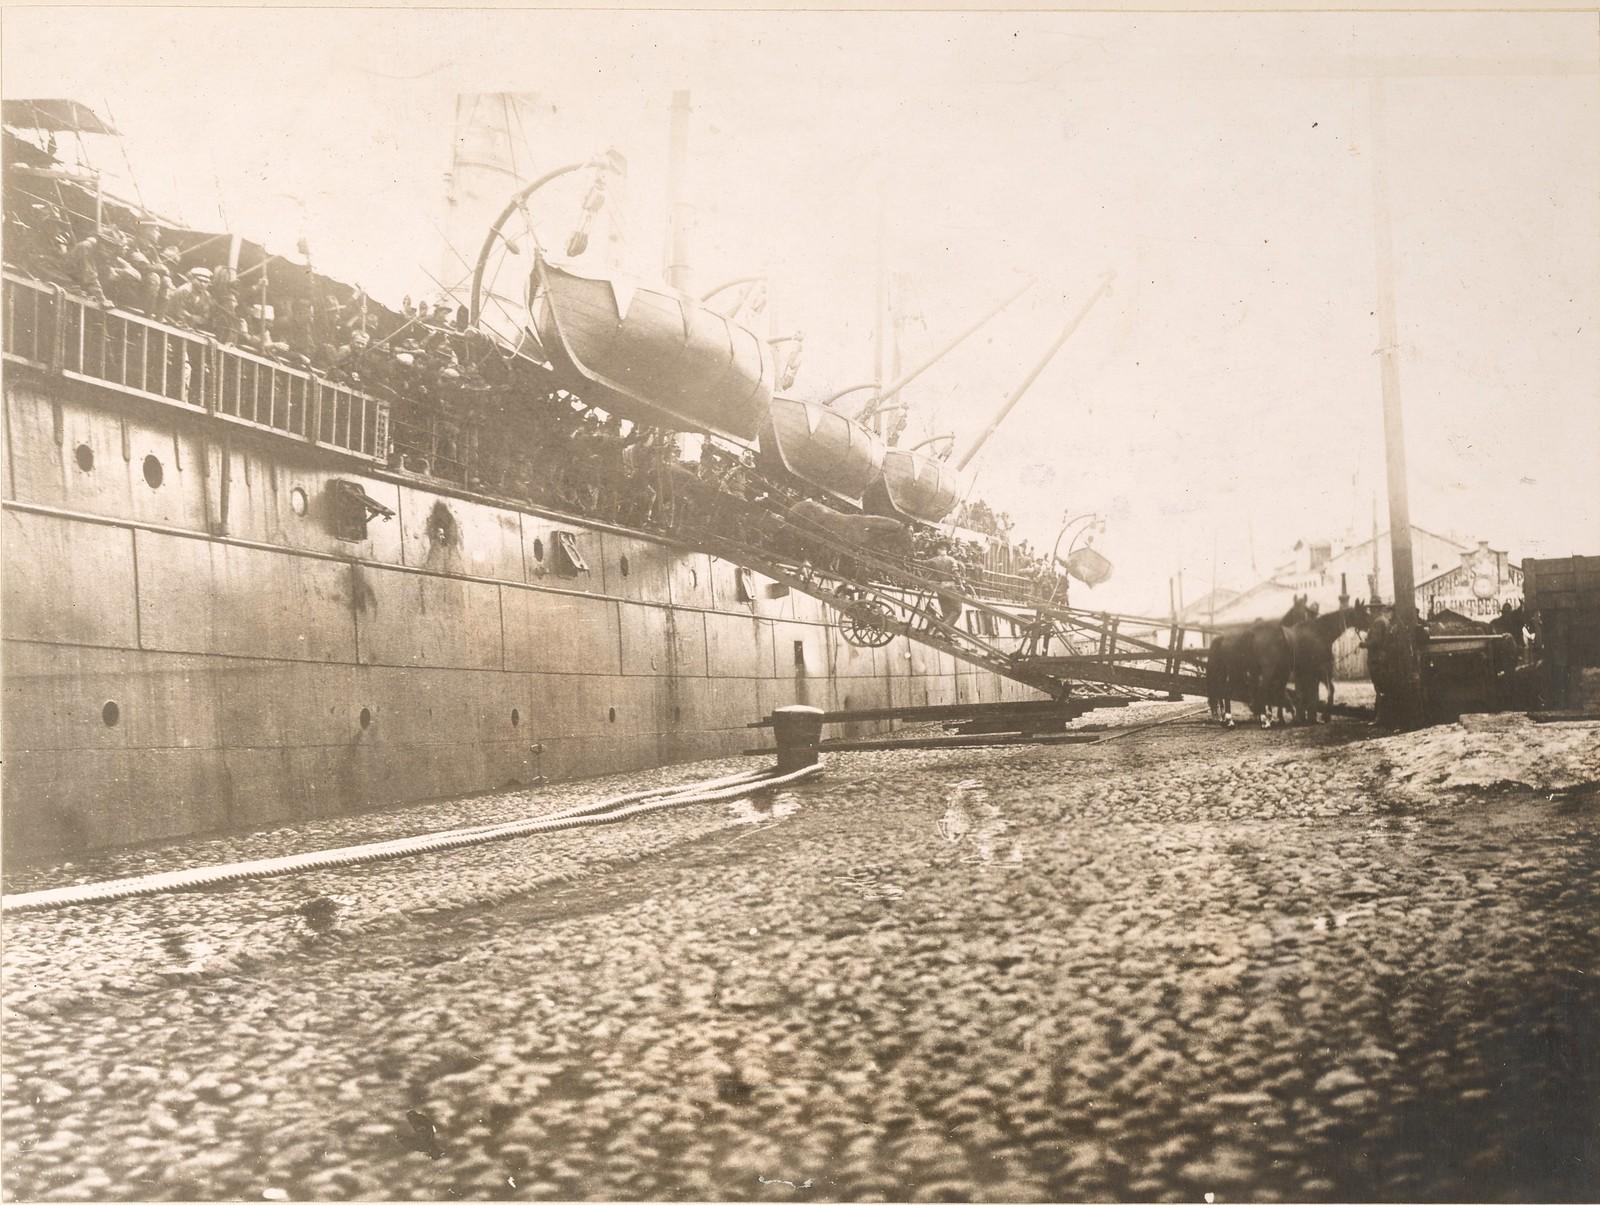 1918. Разгрузка лошадей с транспортного корабля U.S.A.T. «Crook», прибывшего во Владивосток 11 августа.